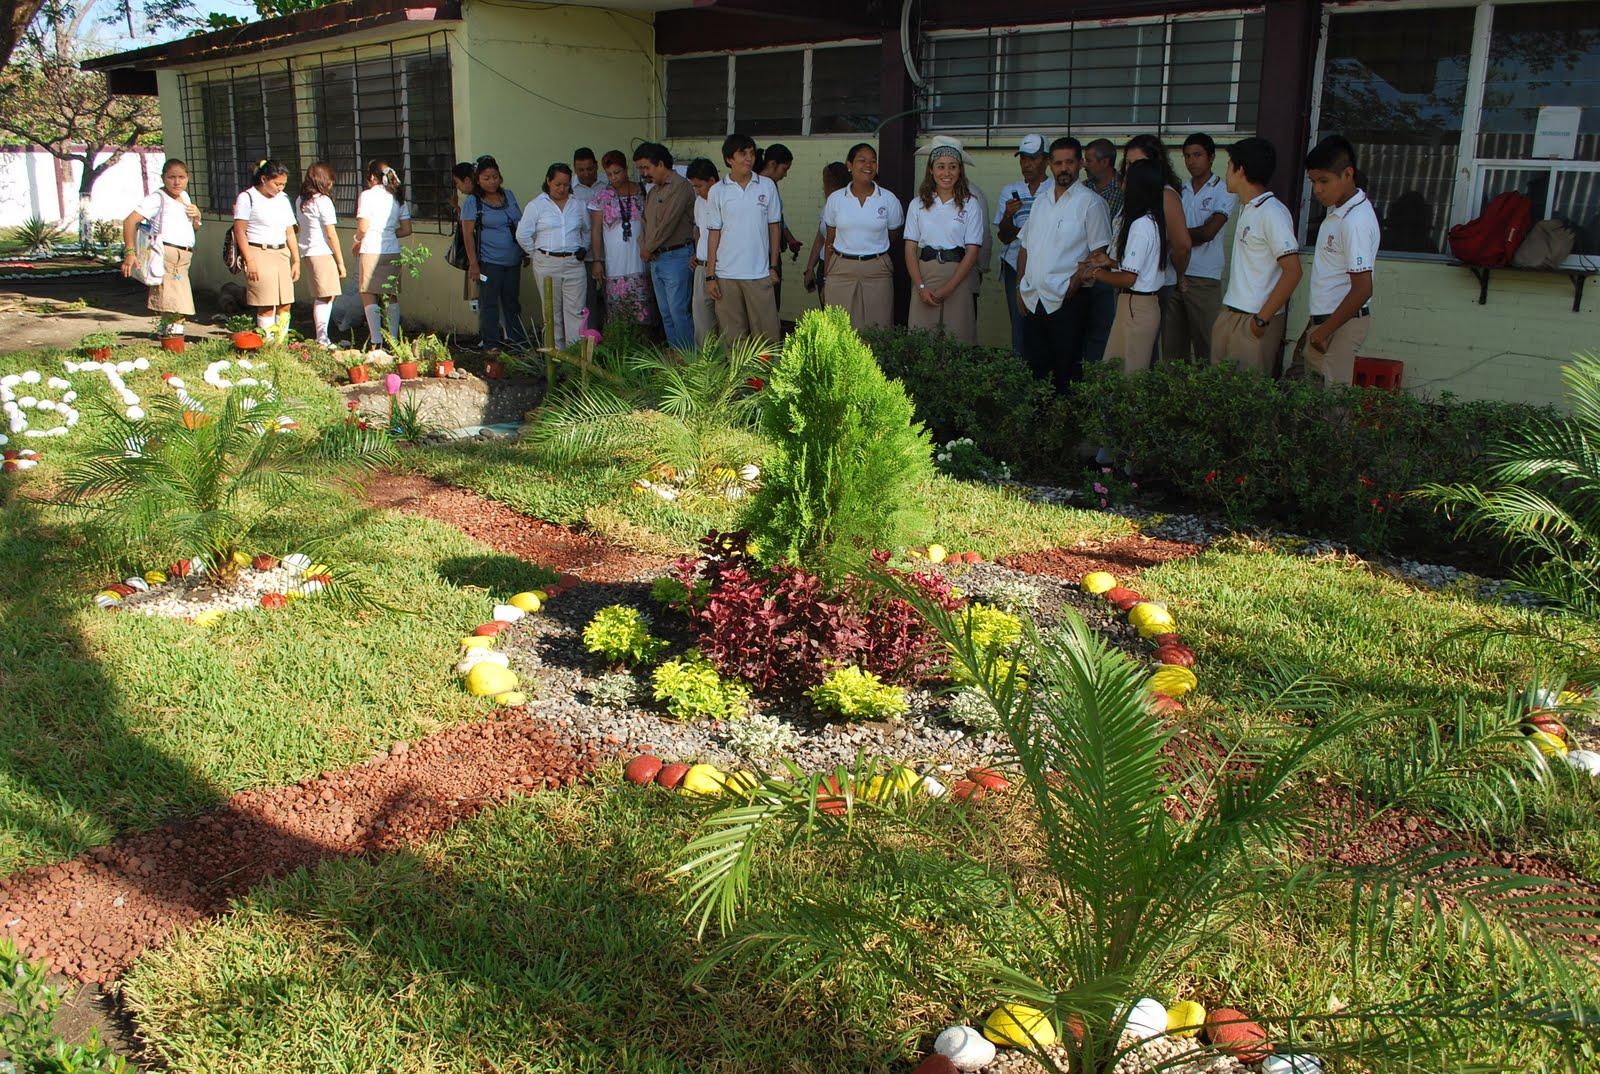 Astro 2002 areas verdes pulmones para la ciudad cbtis 66 for Jardines pequenos para escuelas